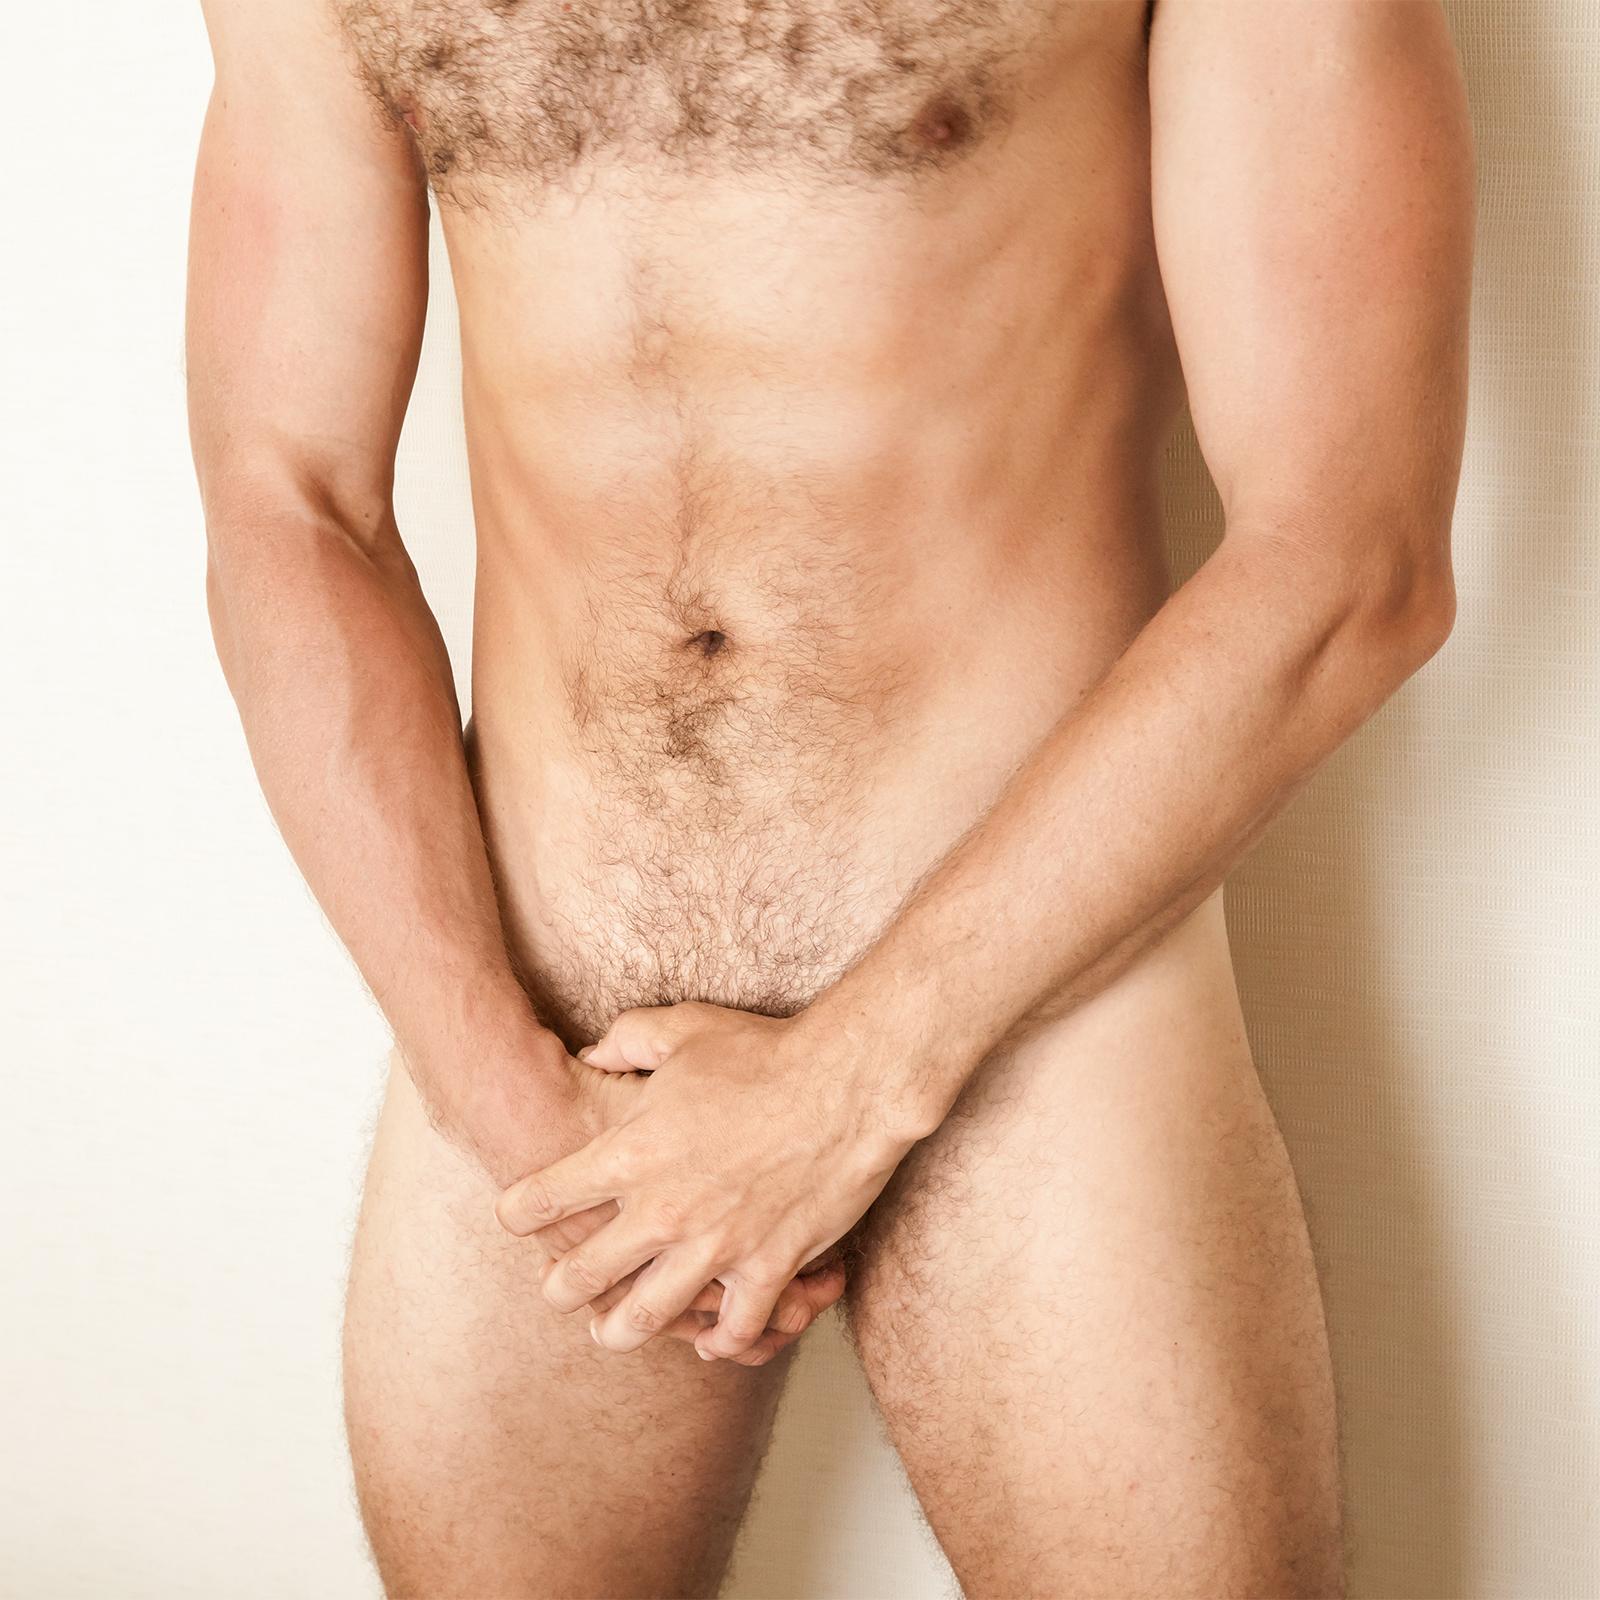 felnőtt férfi péniszét levehető pénisz